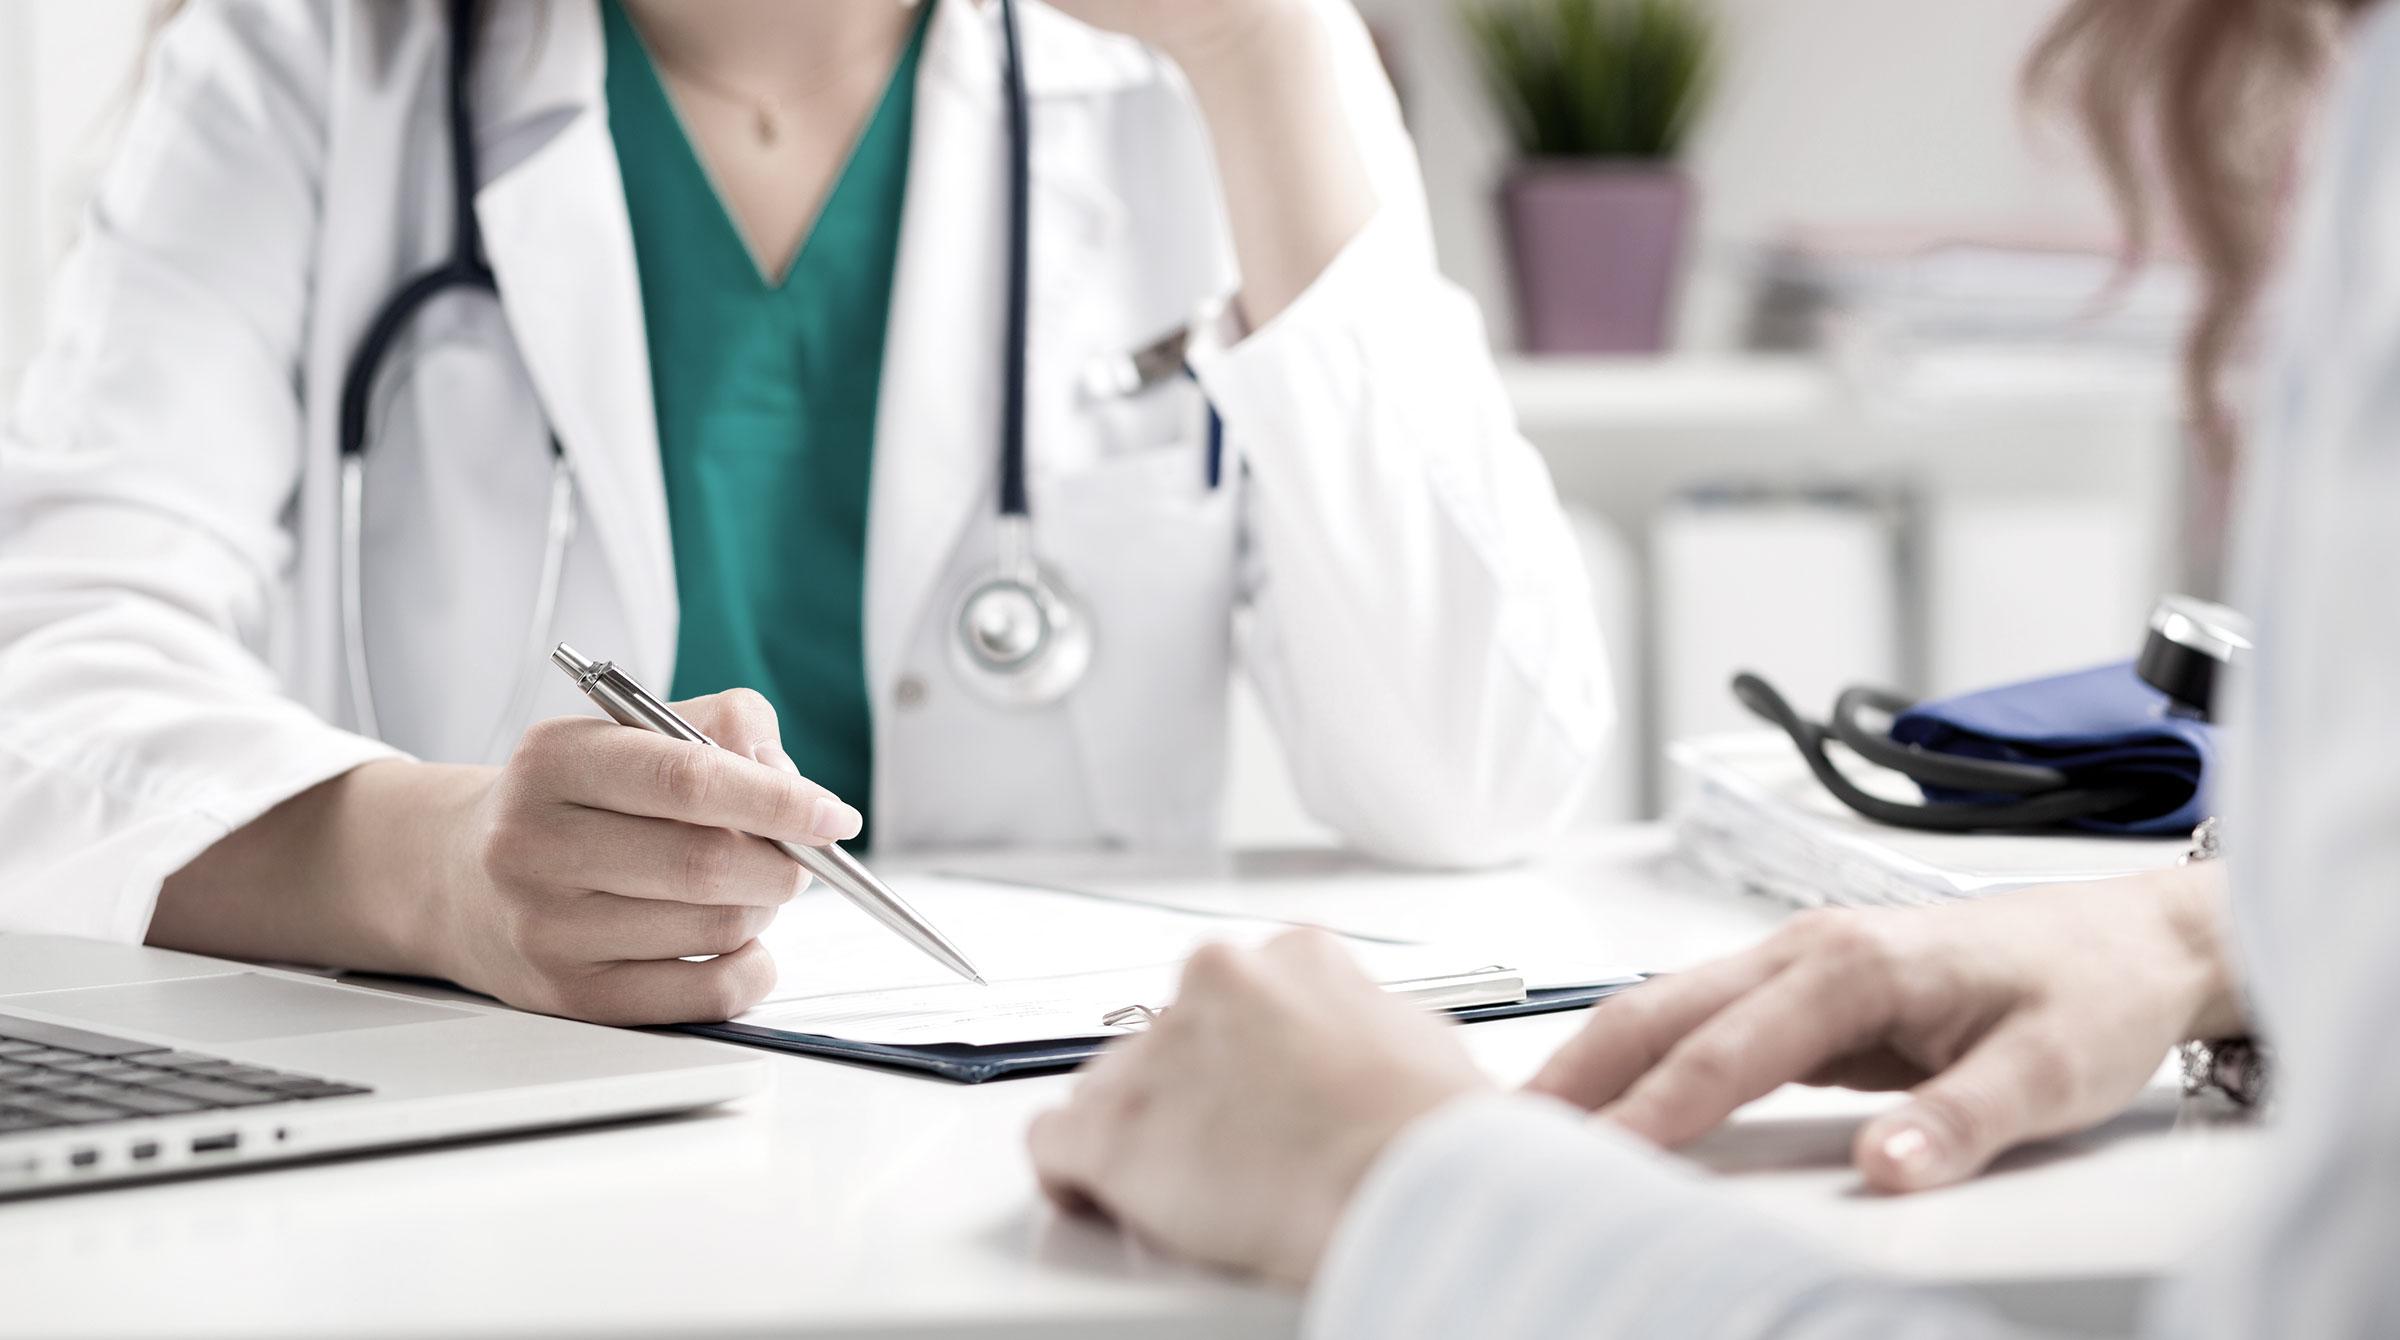 GKV: Leistungen der gesetzlichen Krankenversicherung